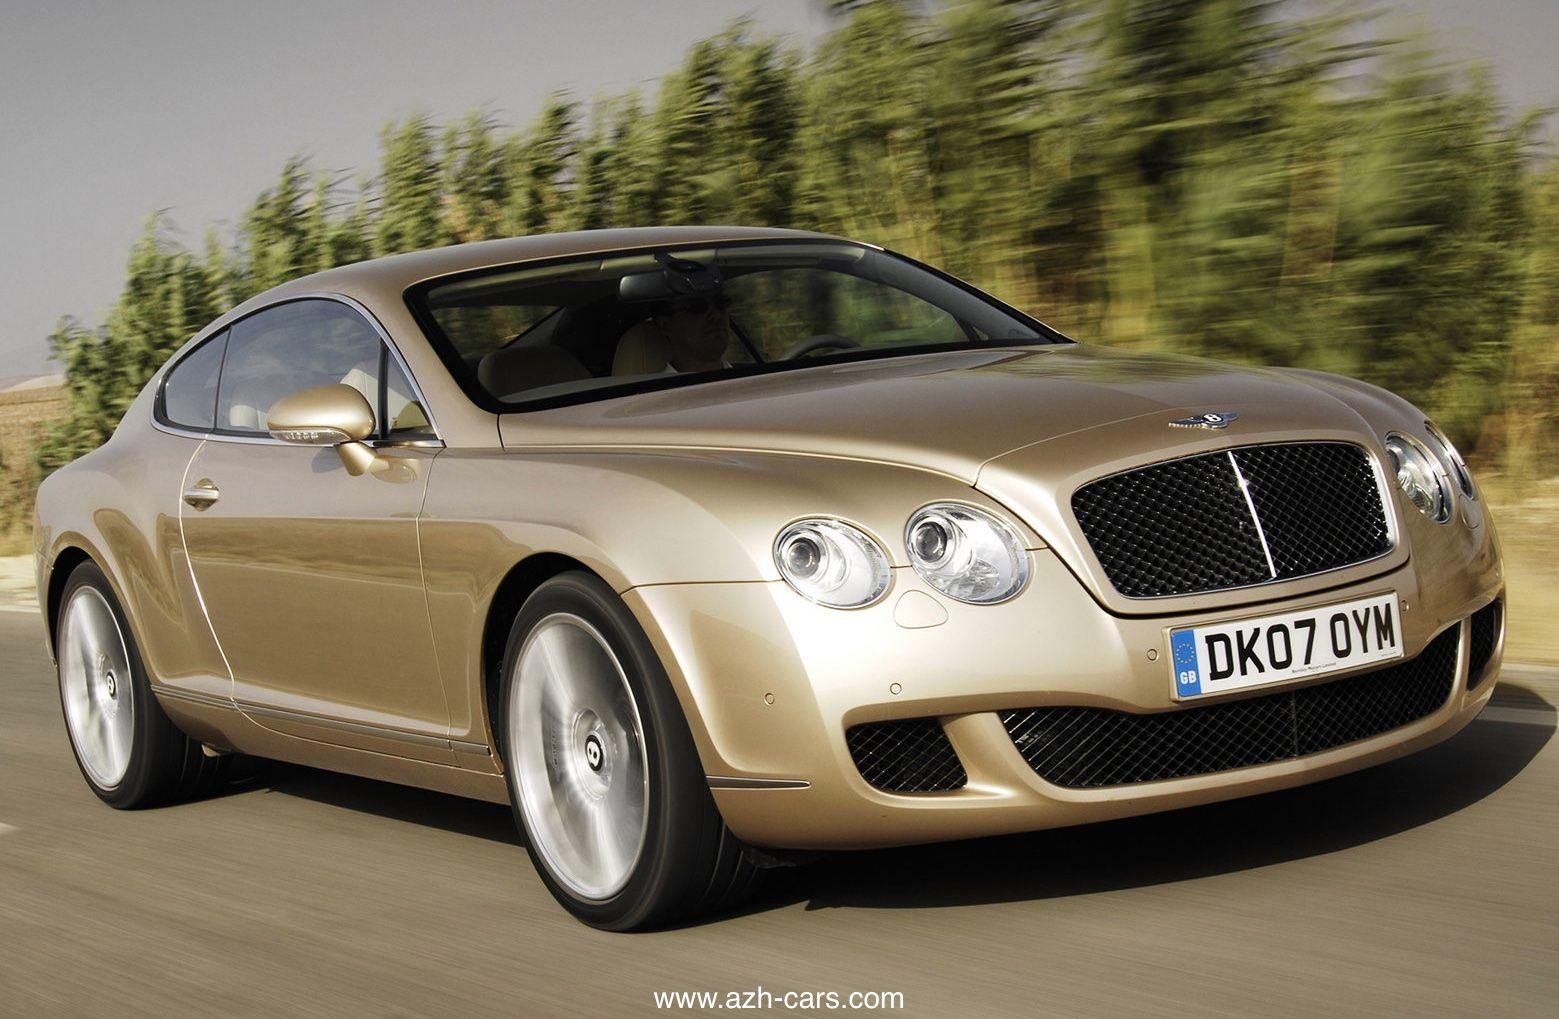 Bentley Continental Gt Speed 2008 In 2021 Bentley Continental Gt Bentley Continental Gt Speed Bentley Continental